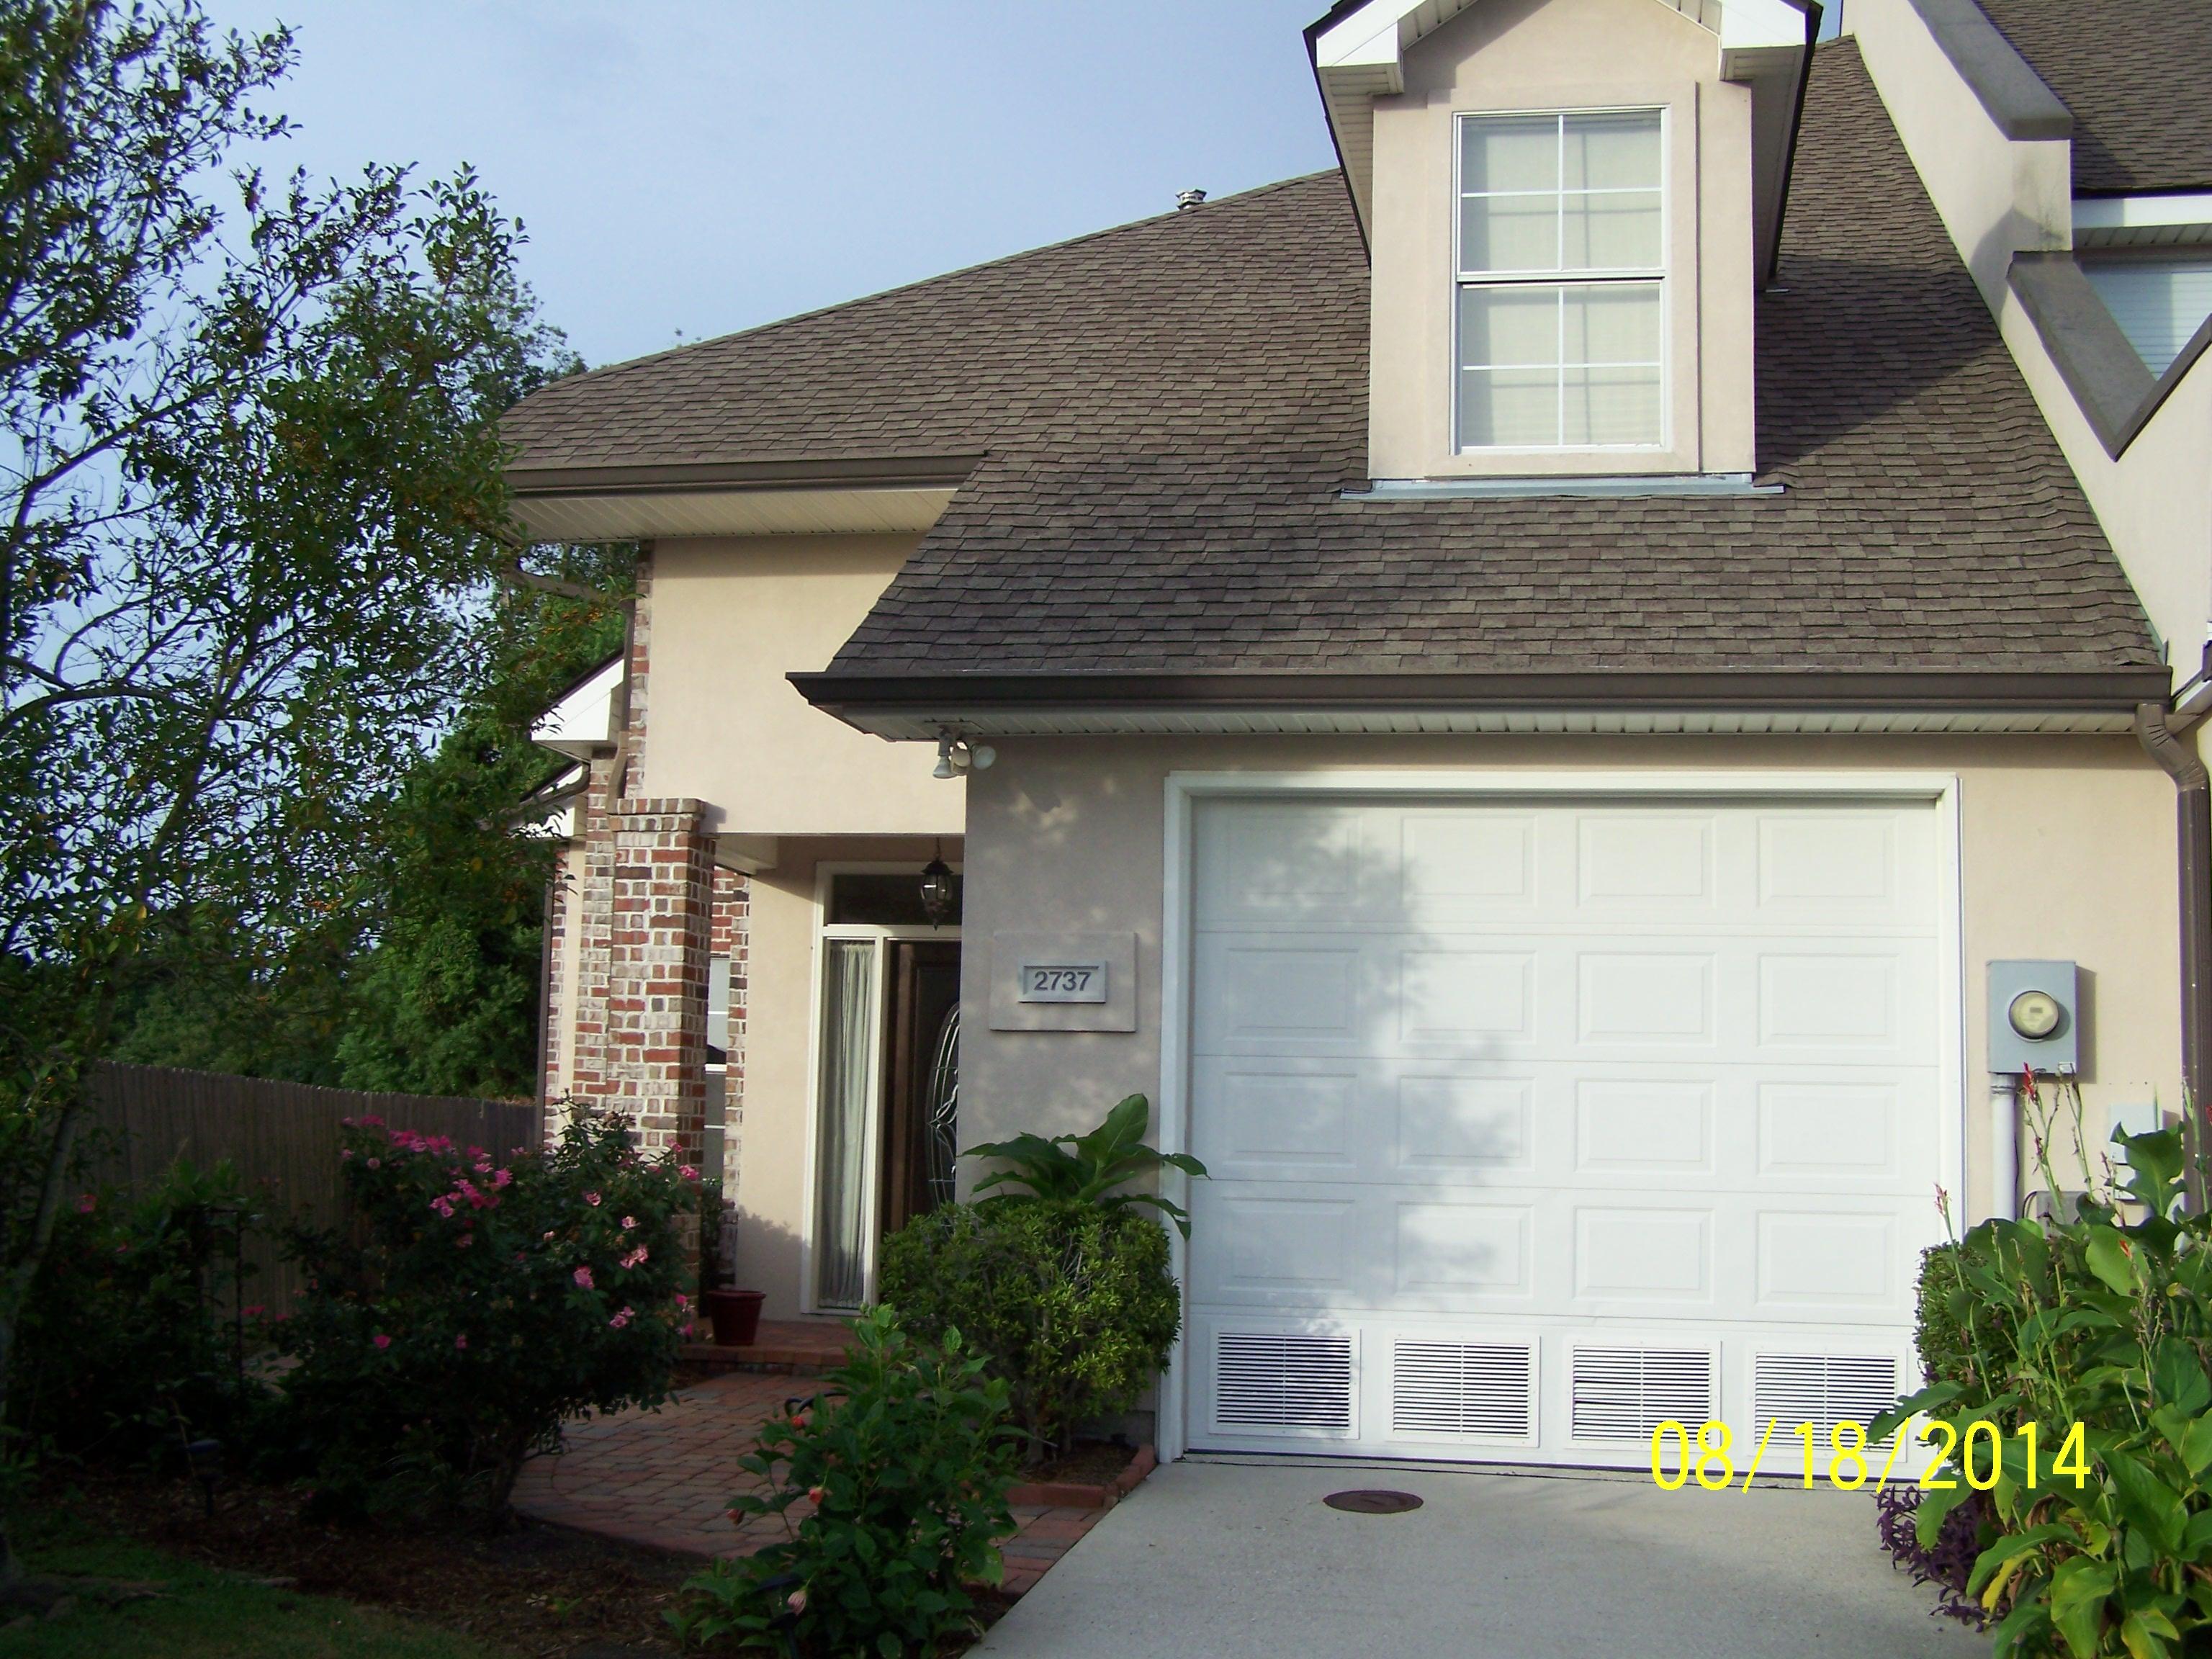 2737 N. Hyde Park Ave., Harvey, Louisiana 70058